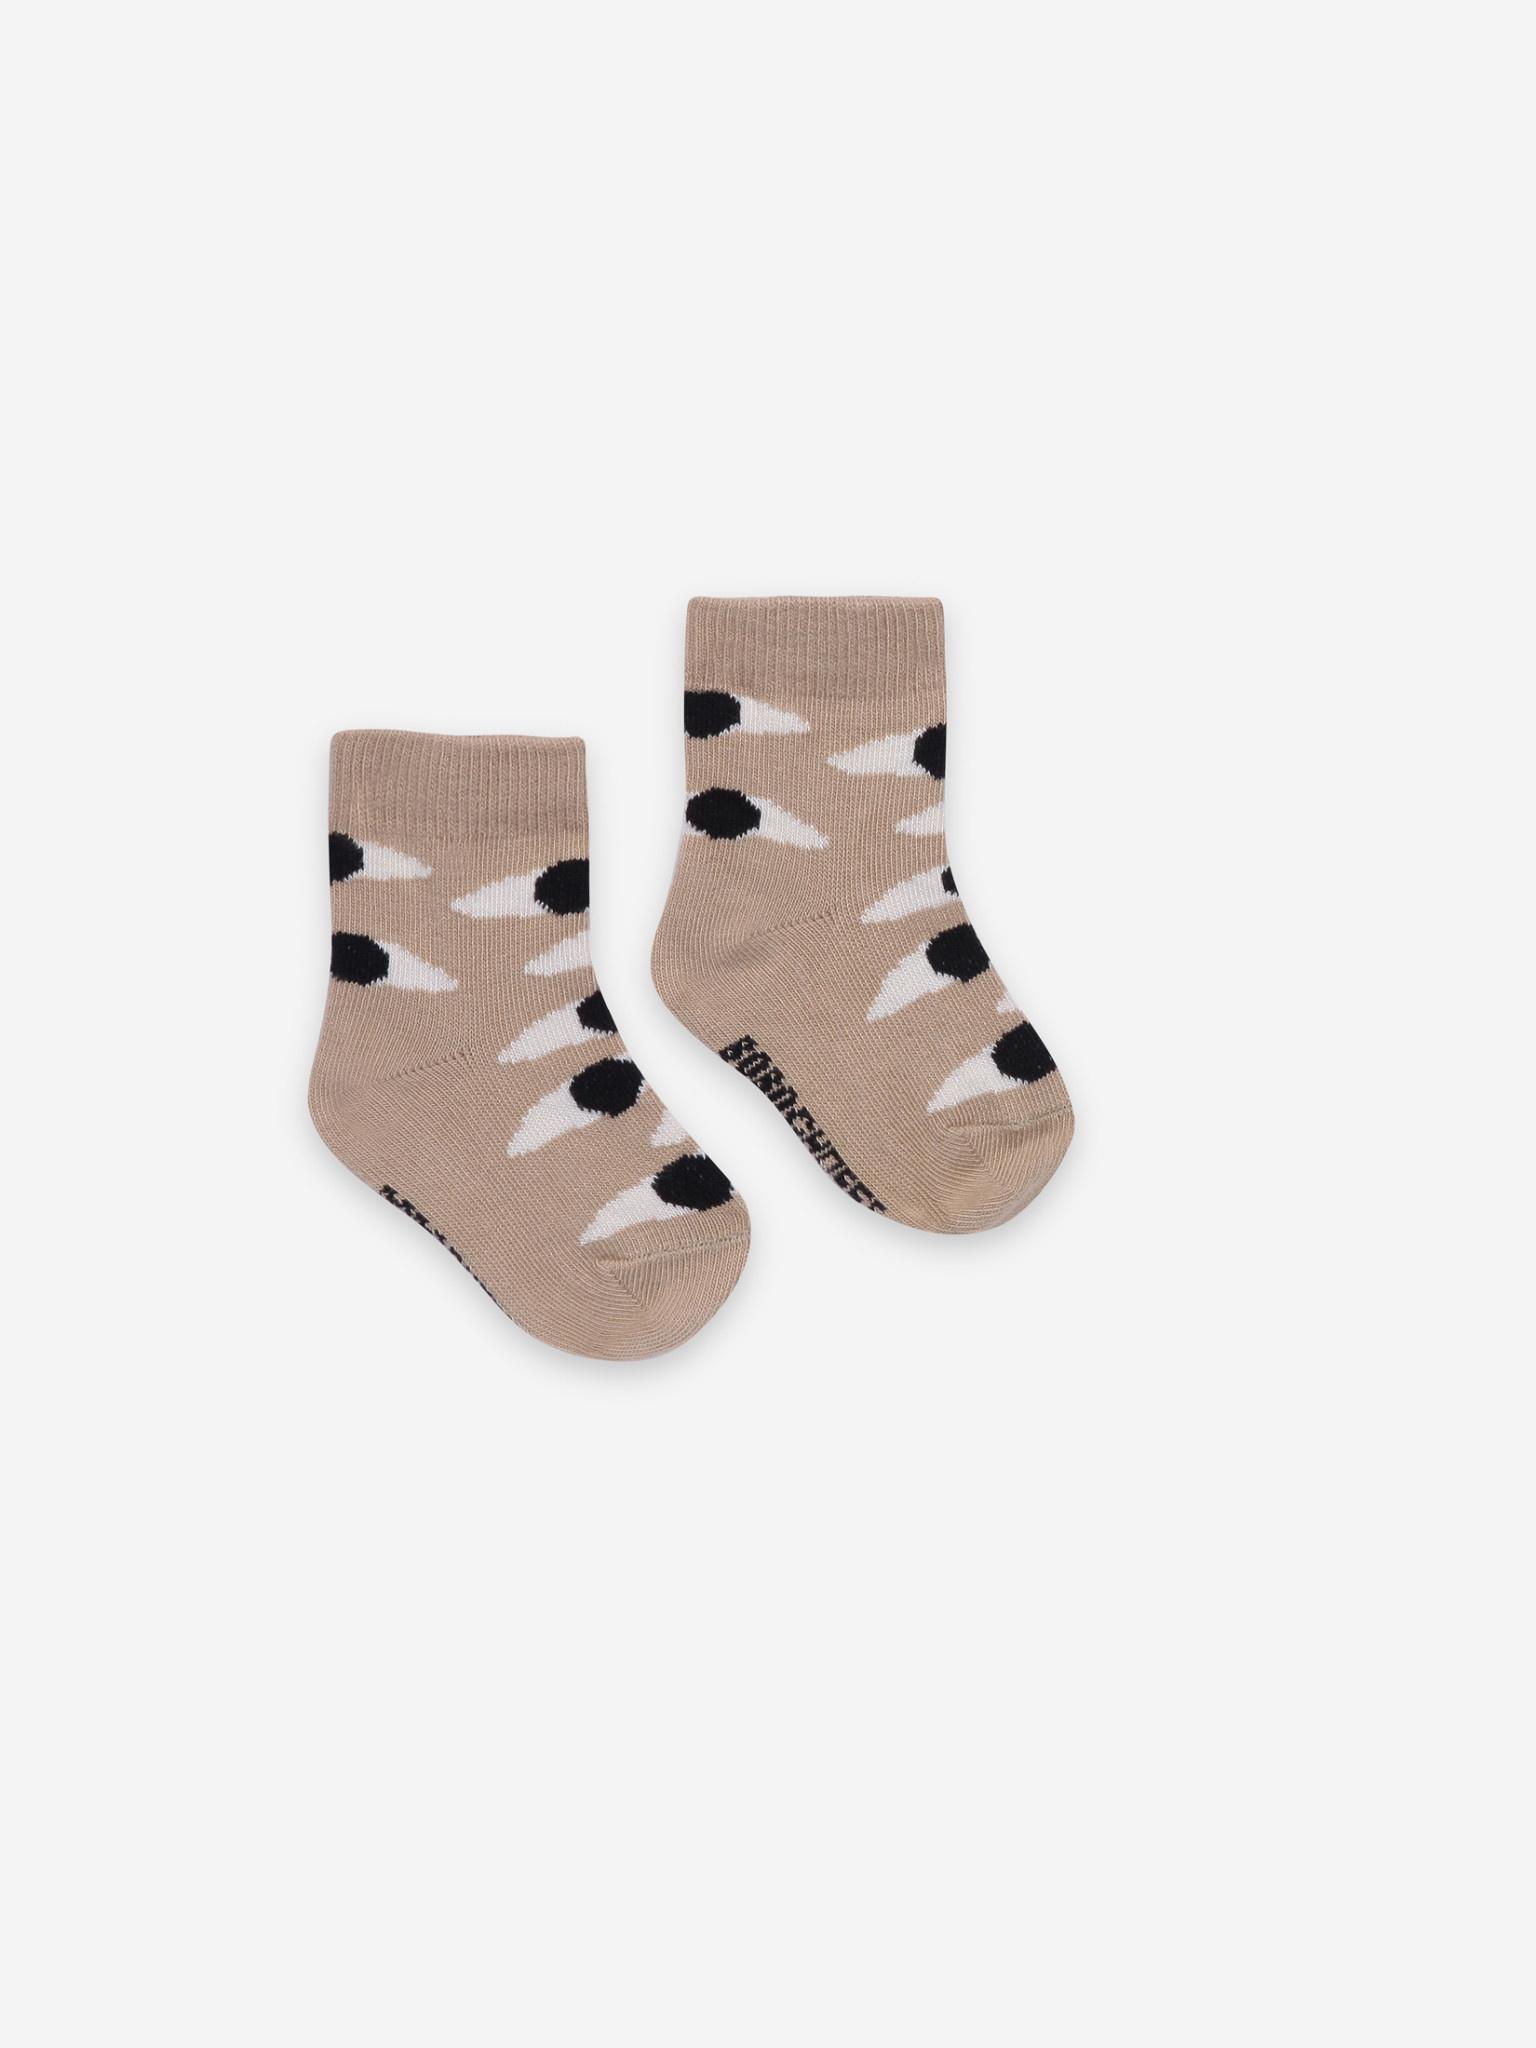 Eyes beige baby socks-1